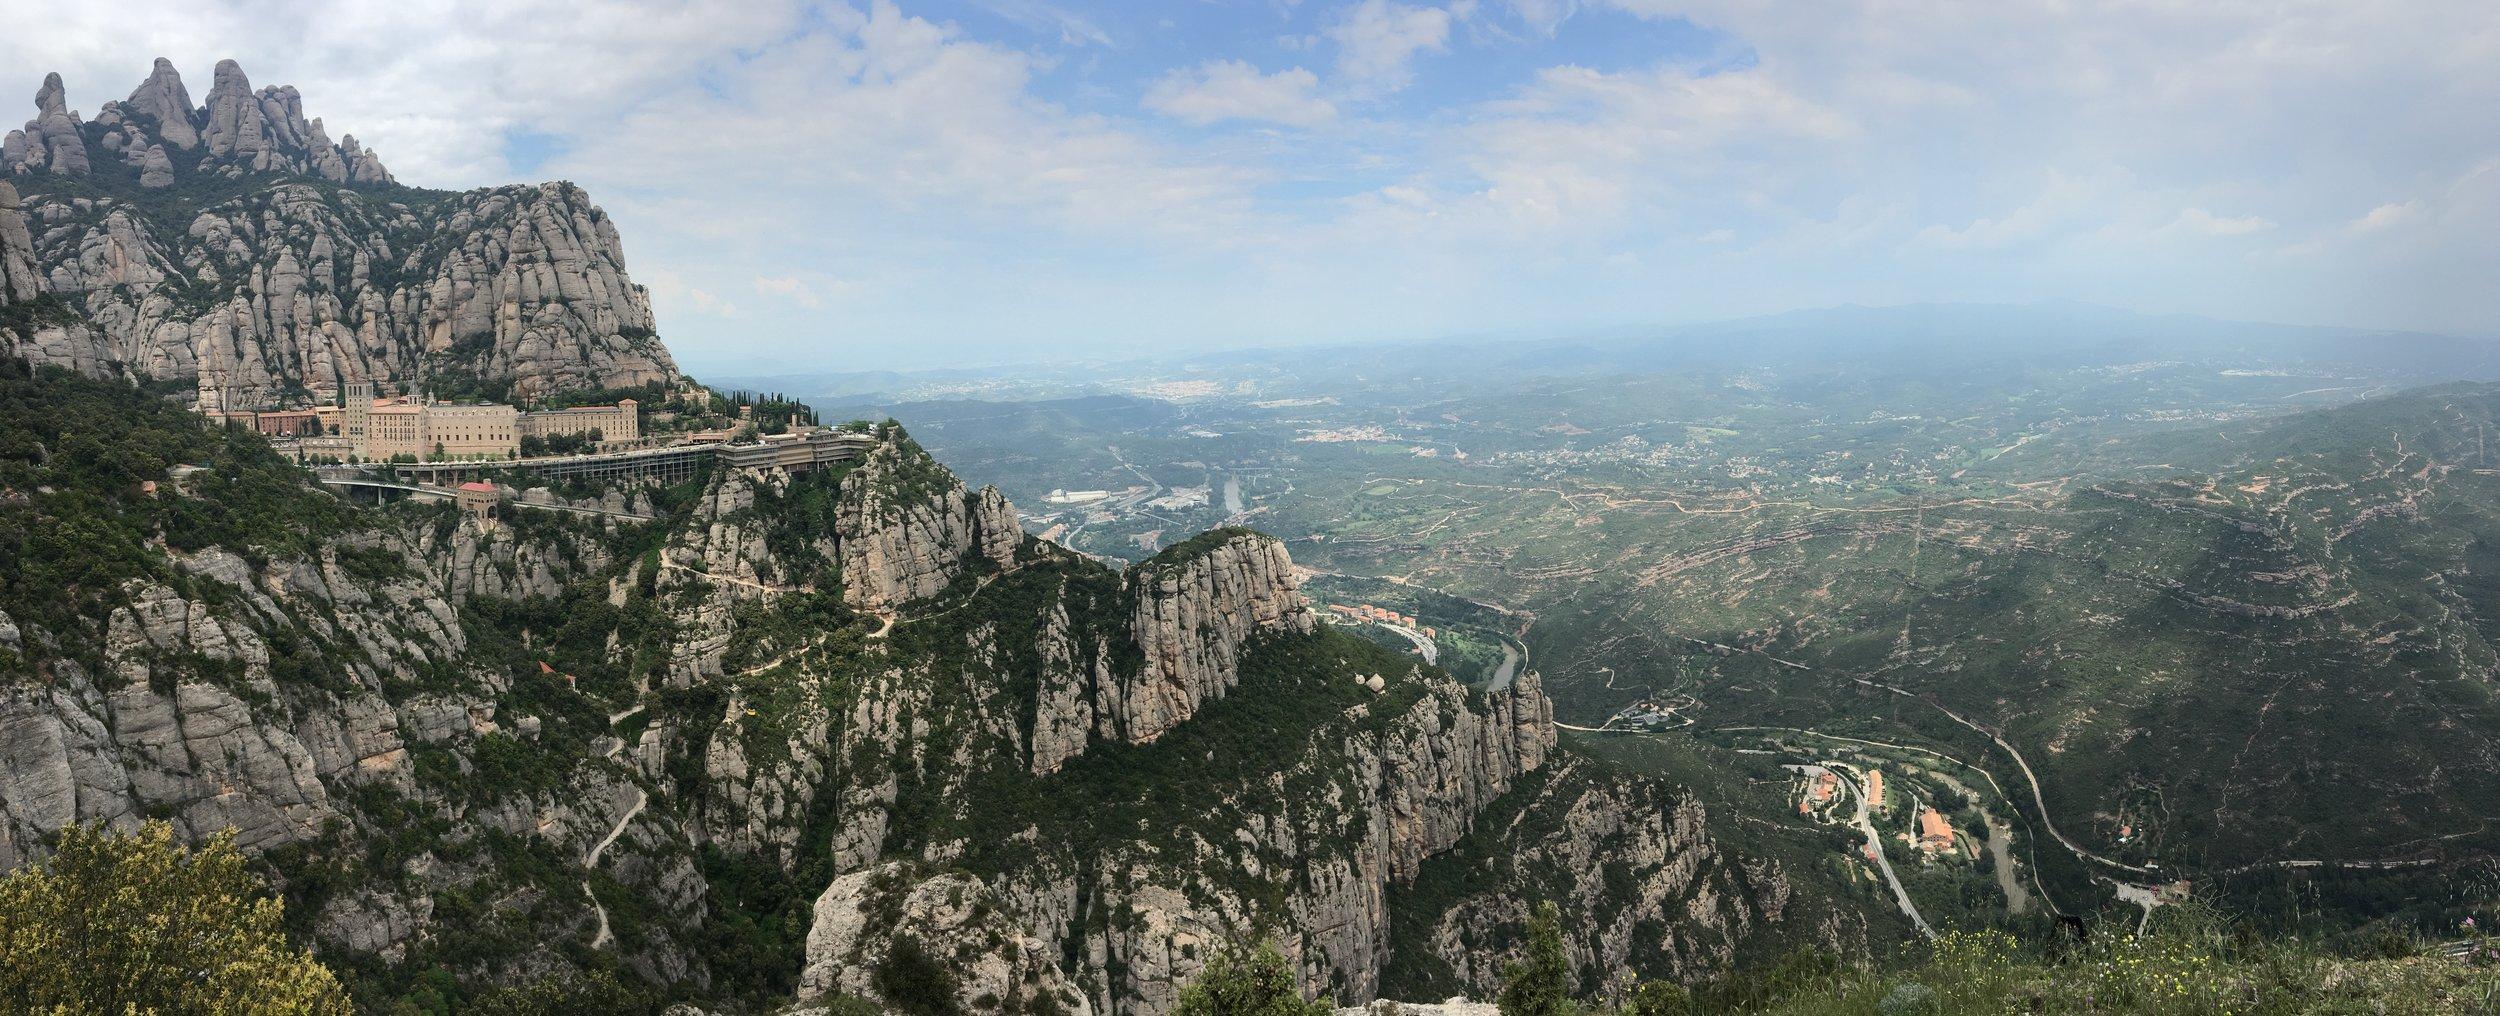 The Monastery on Montserrat